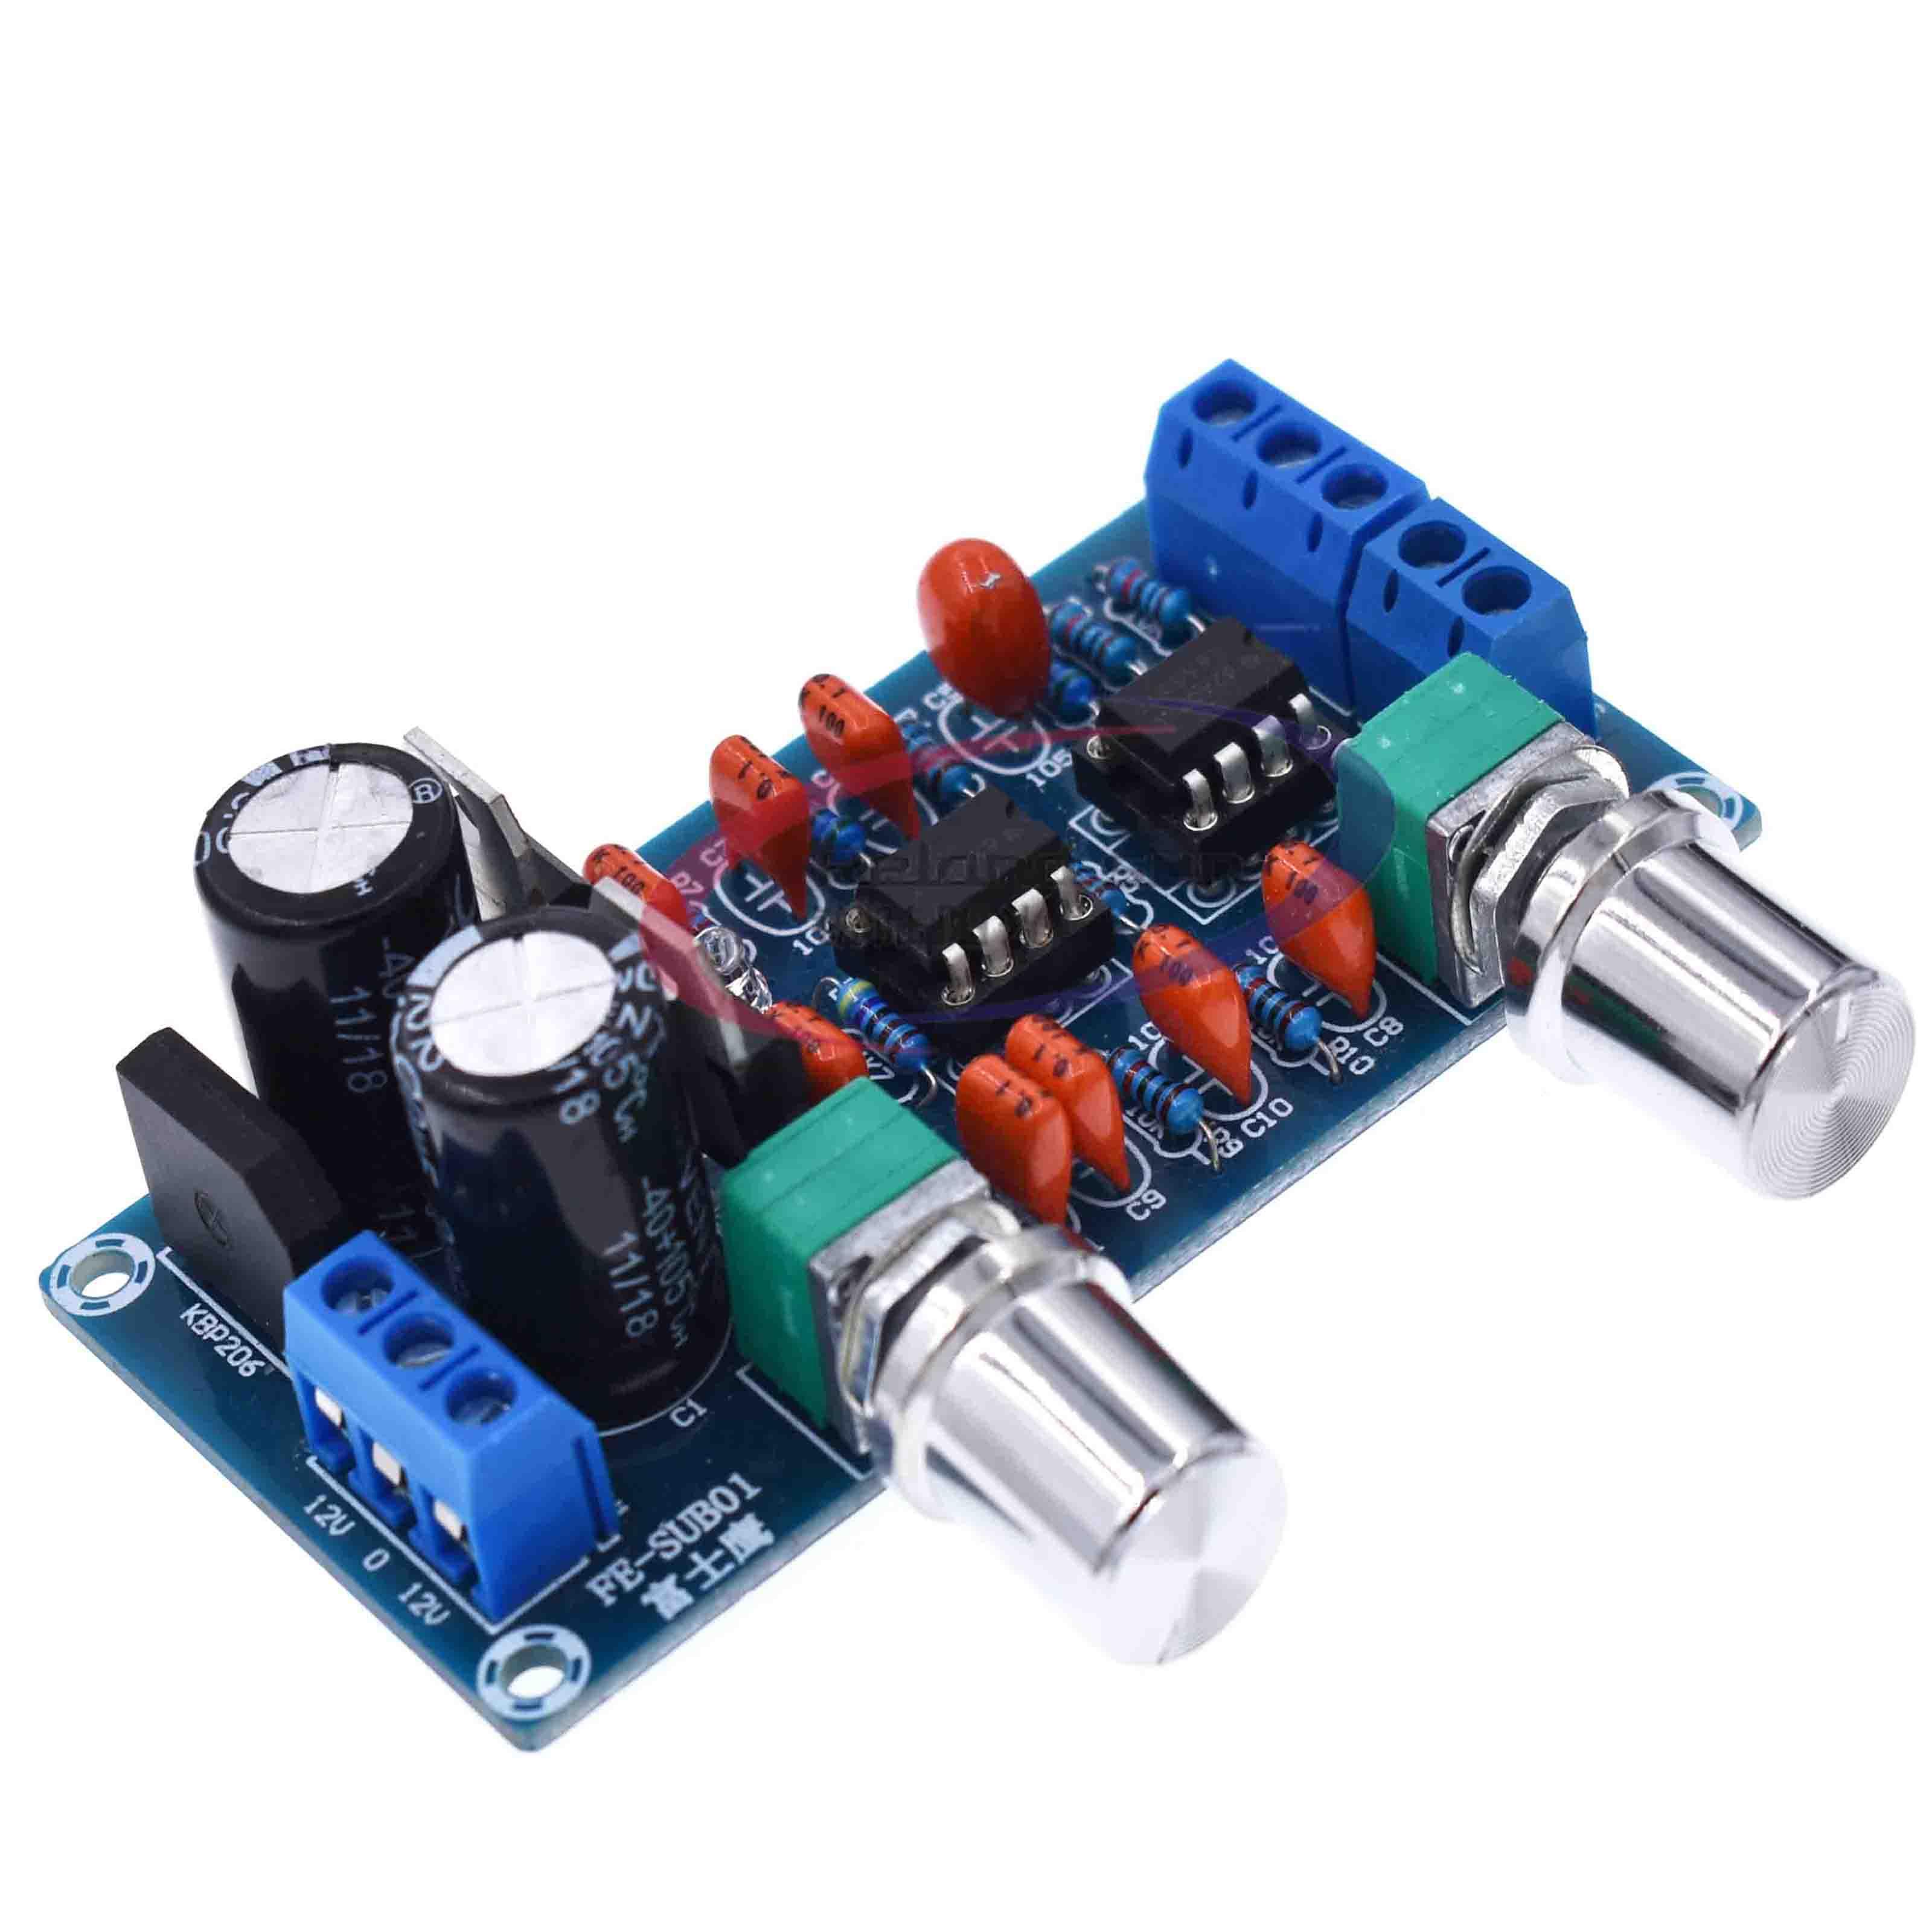 Nueva placa de filtro de paso bajo NE5532, módulo amplificador de placa de Control de volumen Subwoofer 9-15V